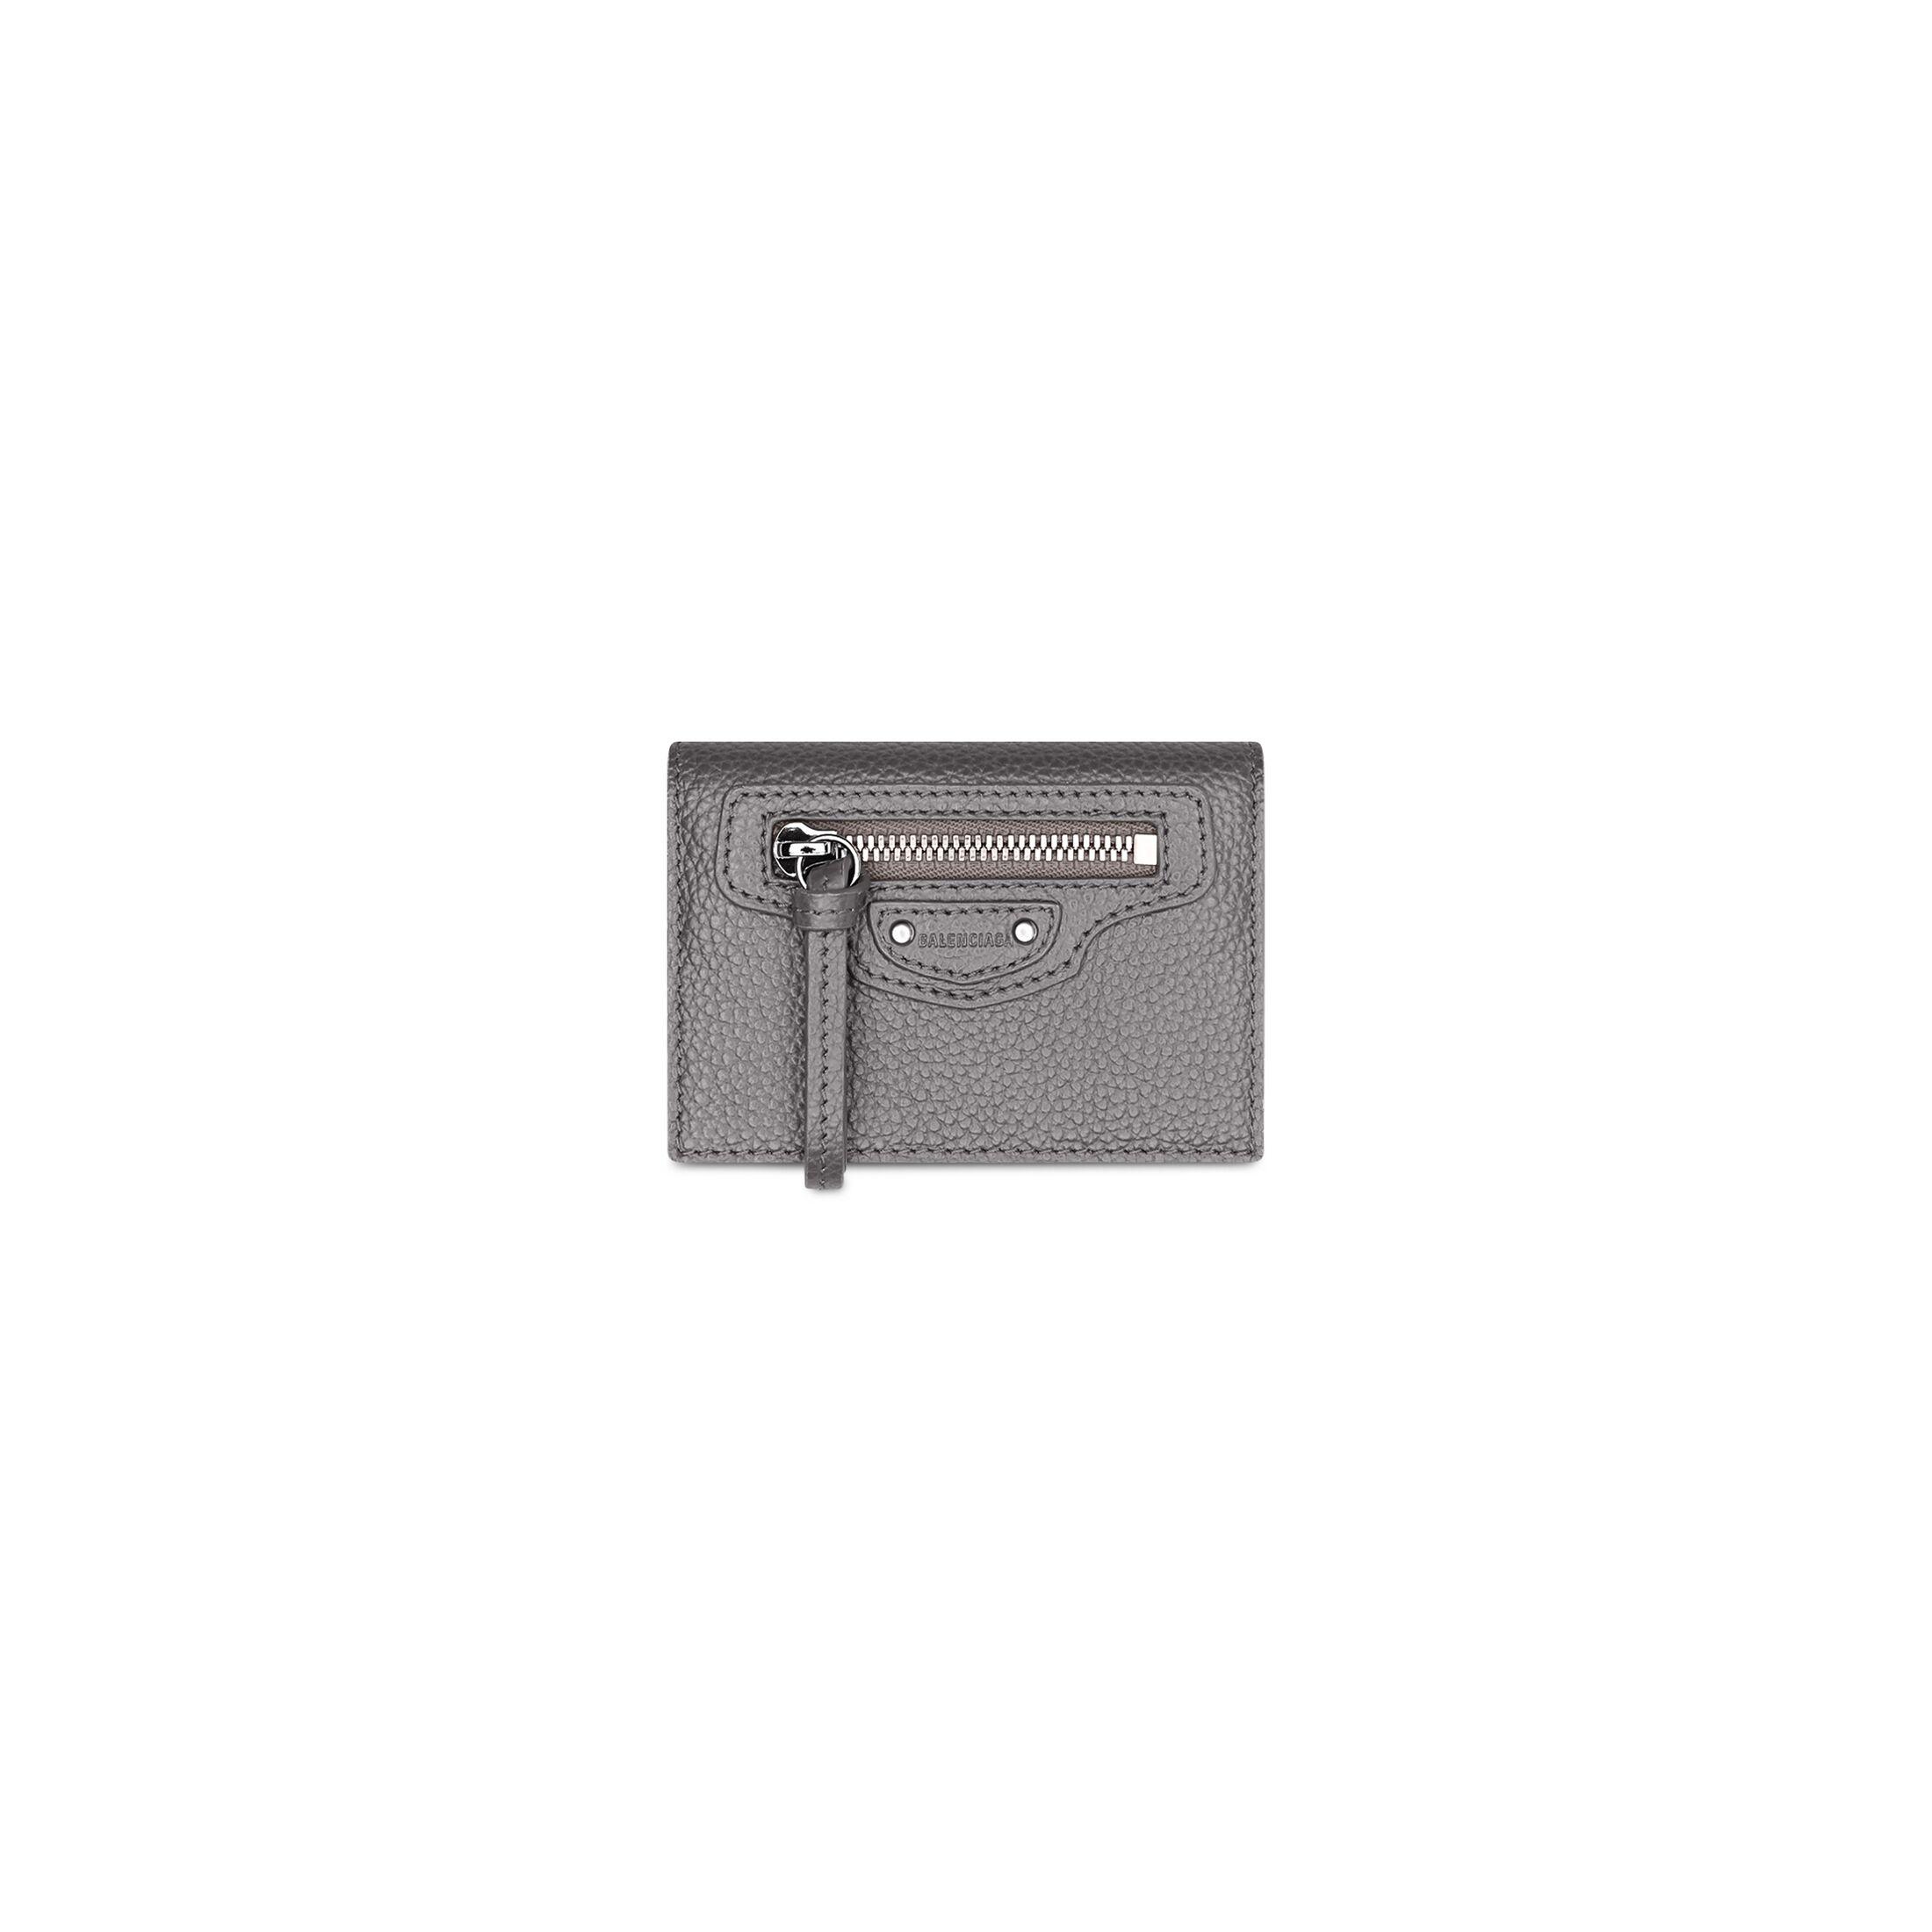 30代の女性に似合うバレンシアガの財布